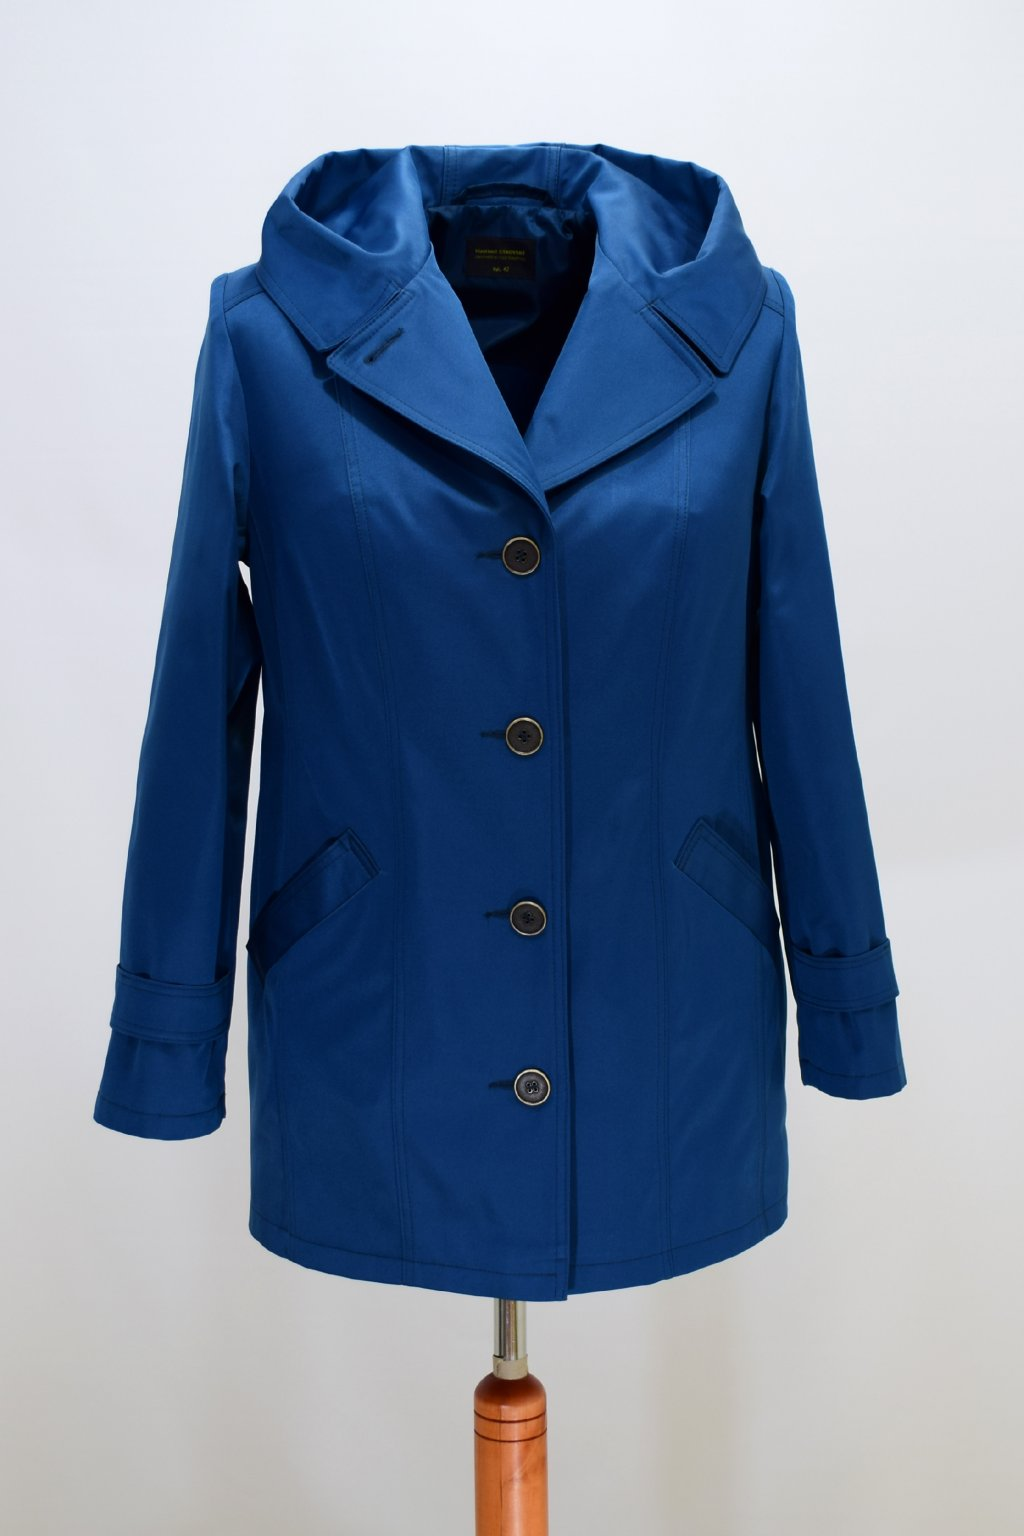 Dámský jarní  petrolový kabátek Šantal nadměrné velikosti.